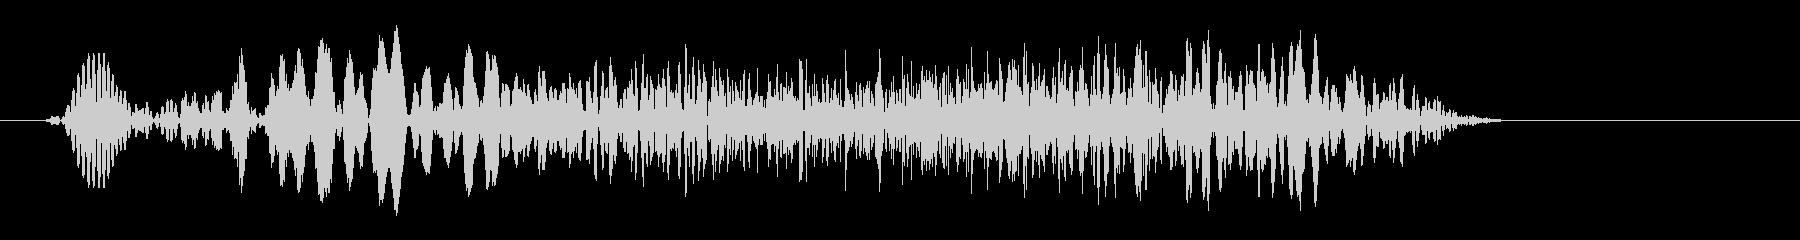 フィ〜シュという摩擦音の未再生の波形